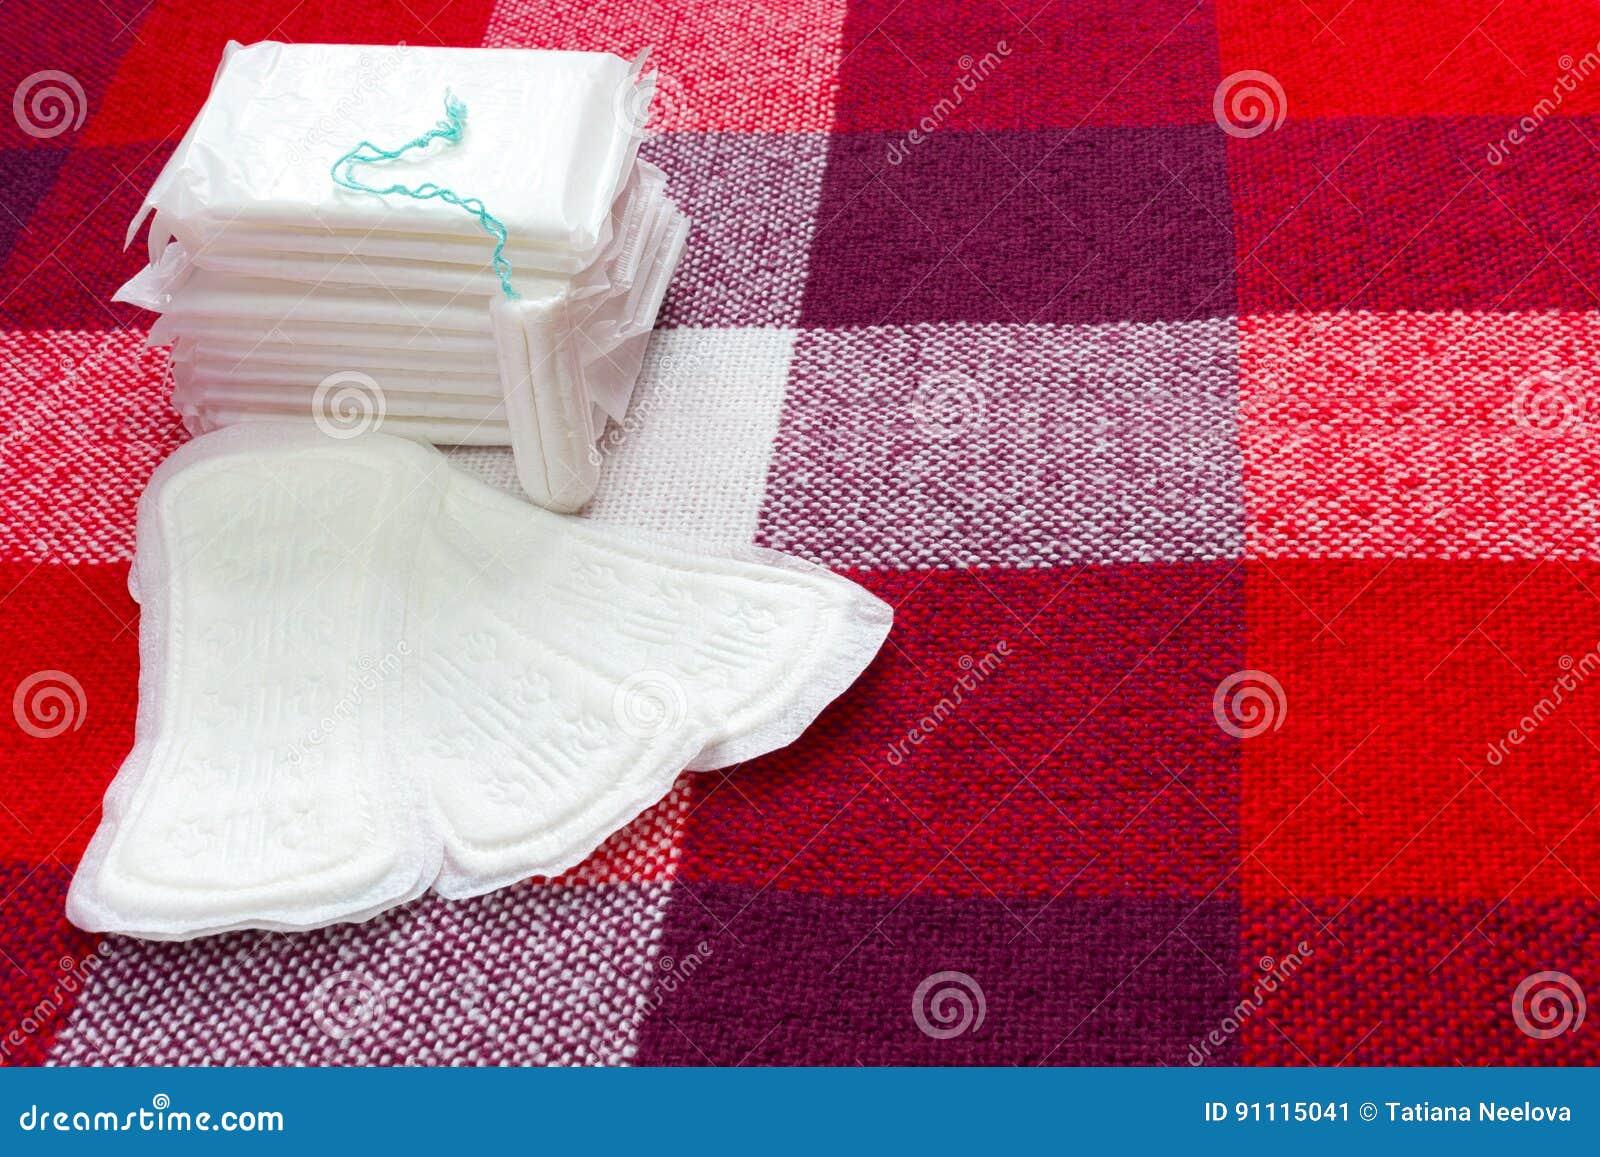 Medicinsk befruktning För menstruation tamponger för sanitärt block och bomullsför kvinnahygienskydd Mjukt mjukt skydd för kvinna